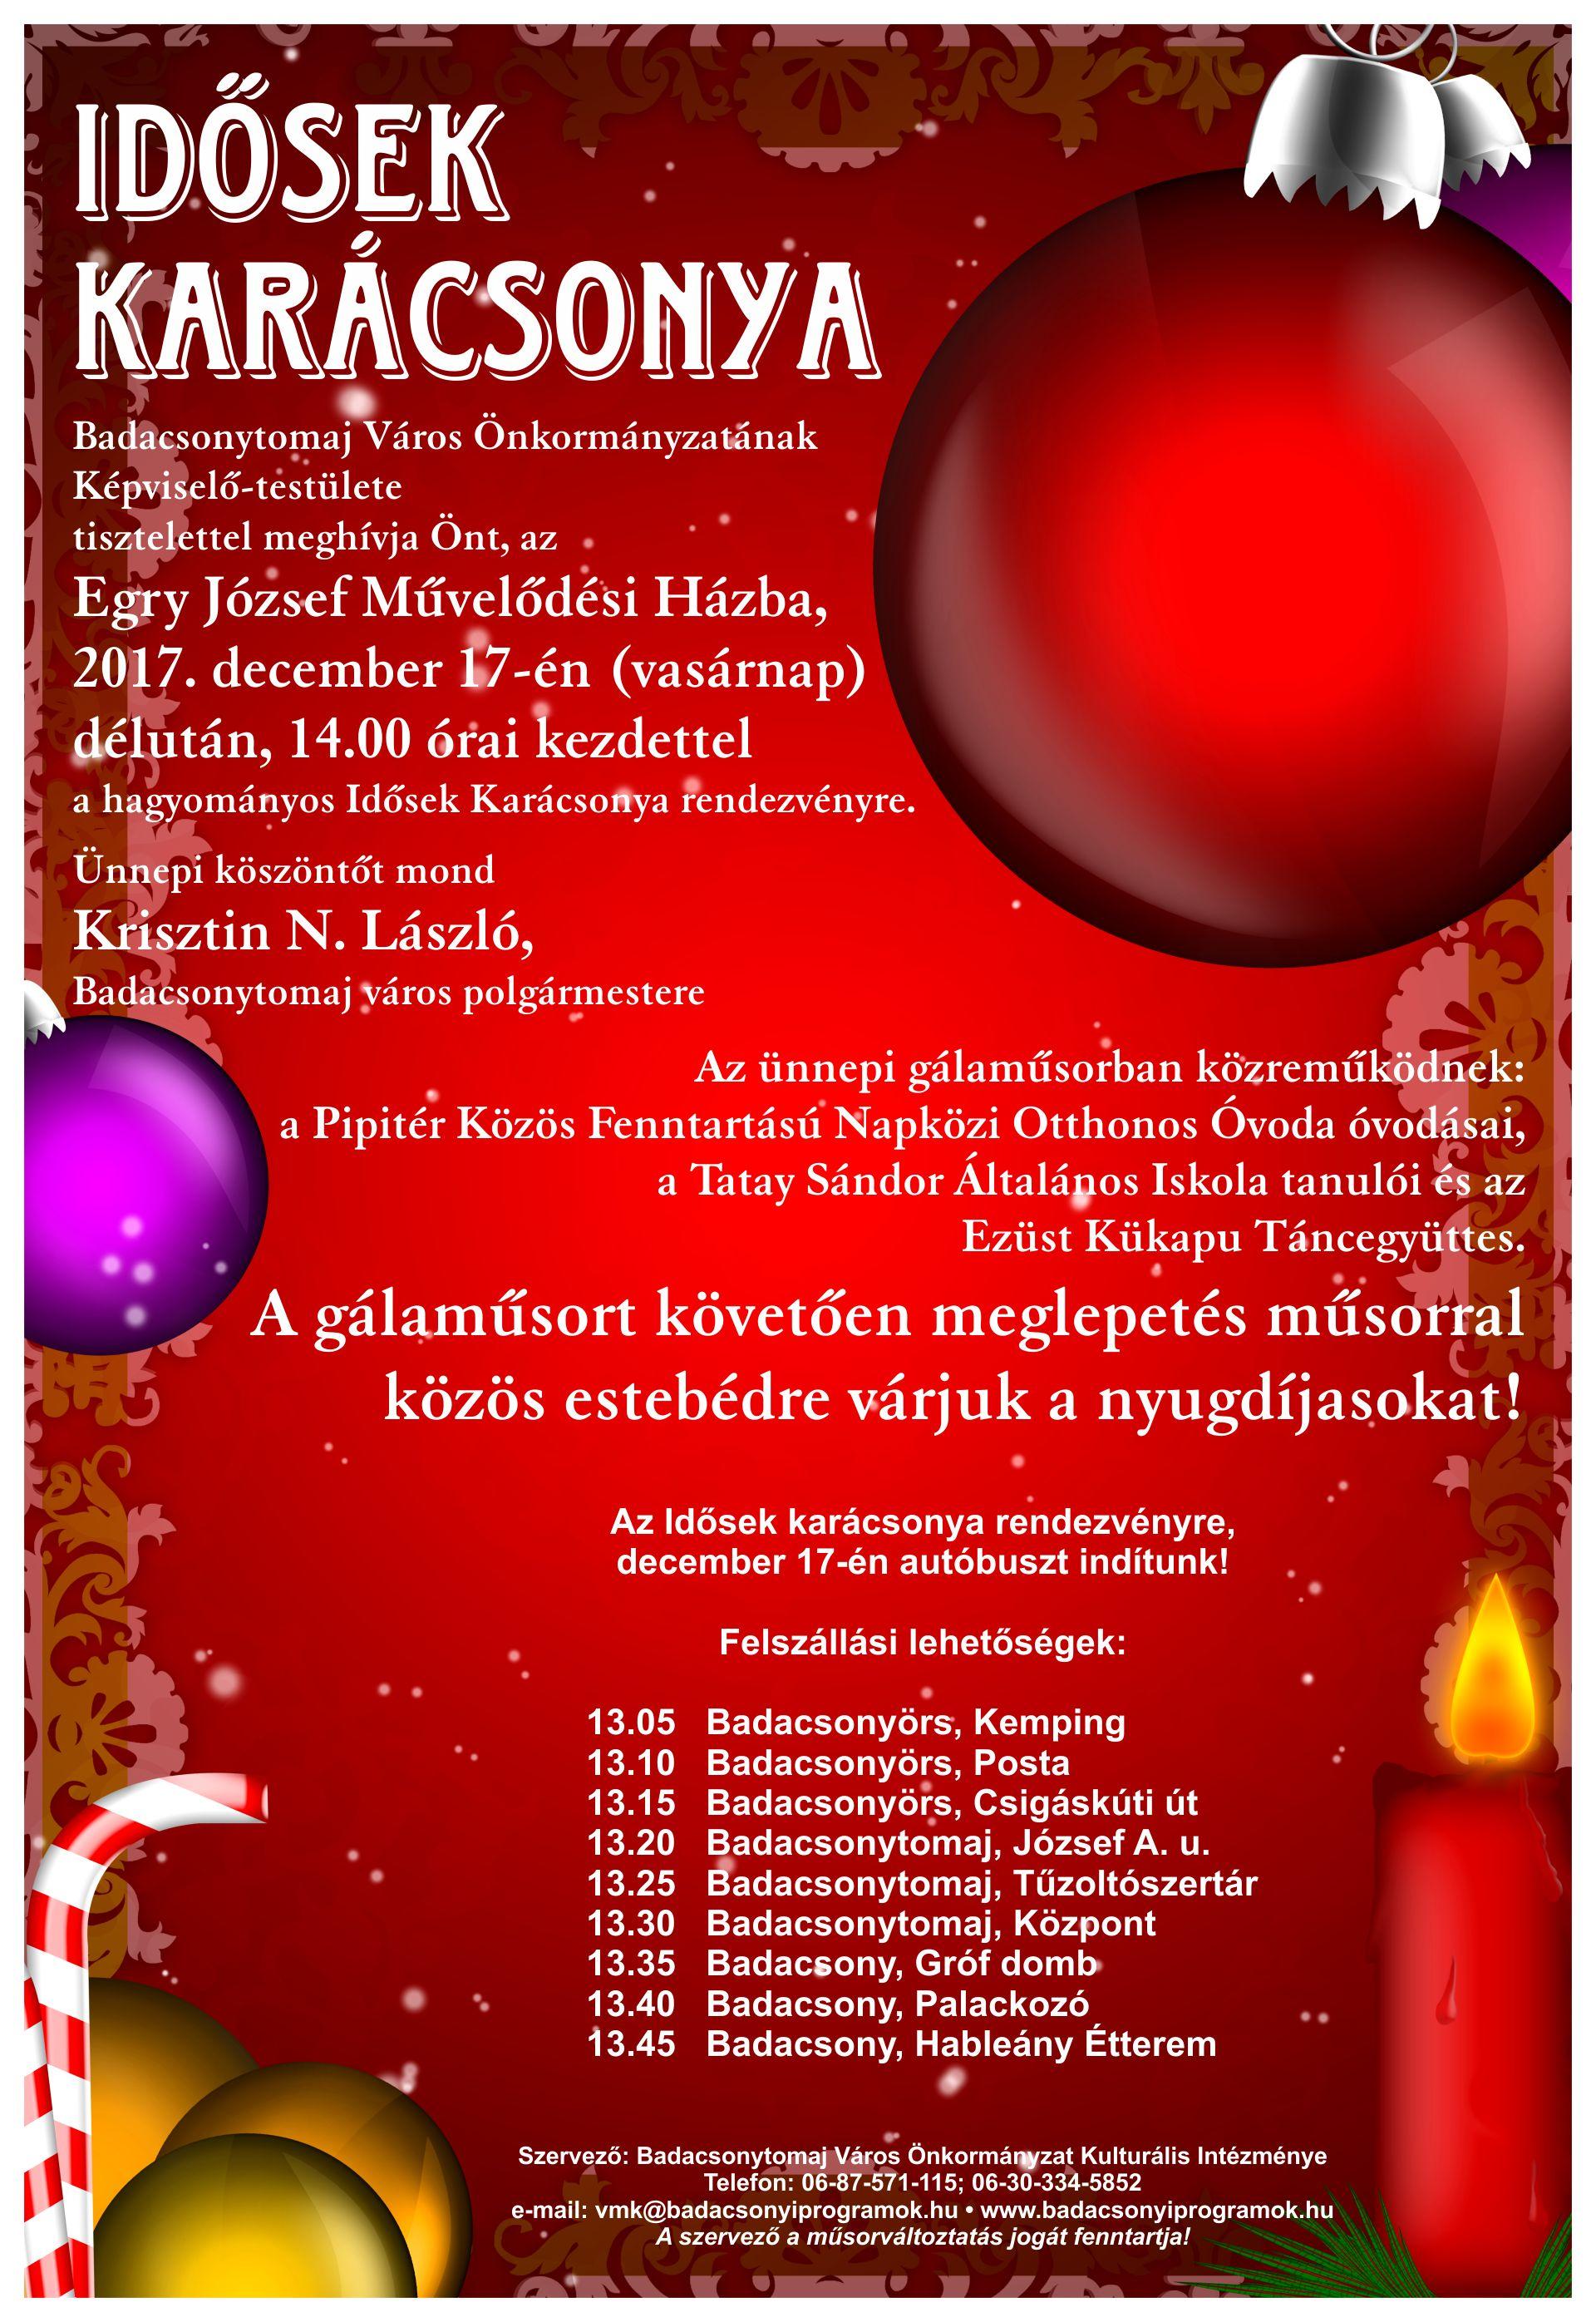 Badacsonytomaj Idősek Karácsonya 2017 plakát